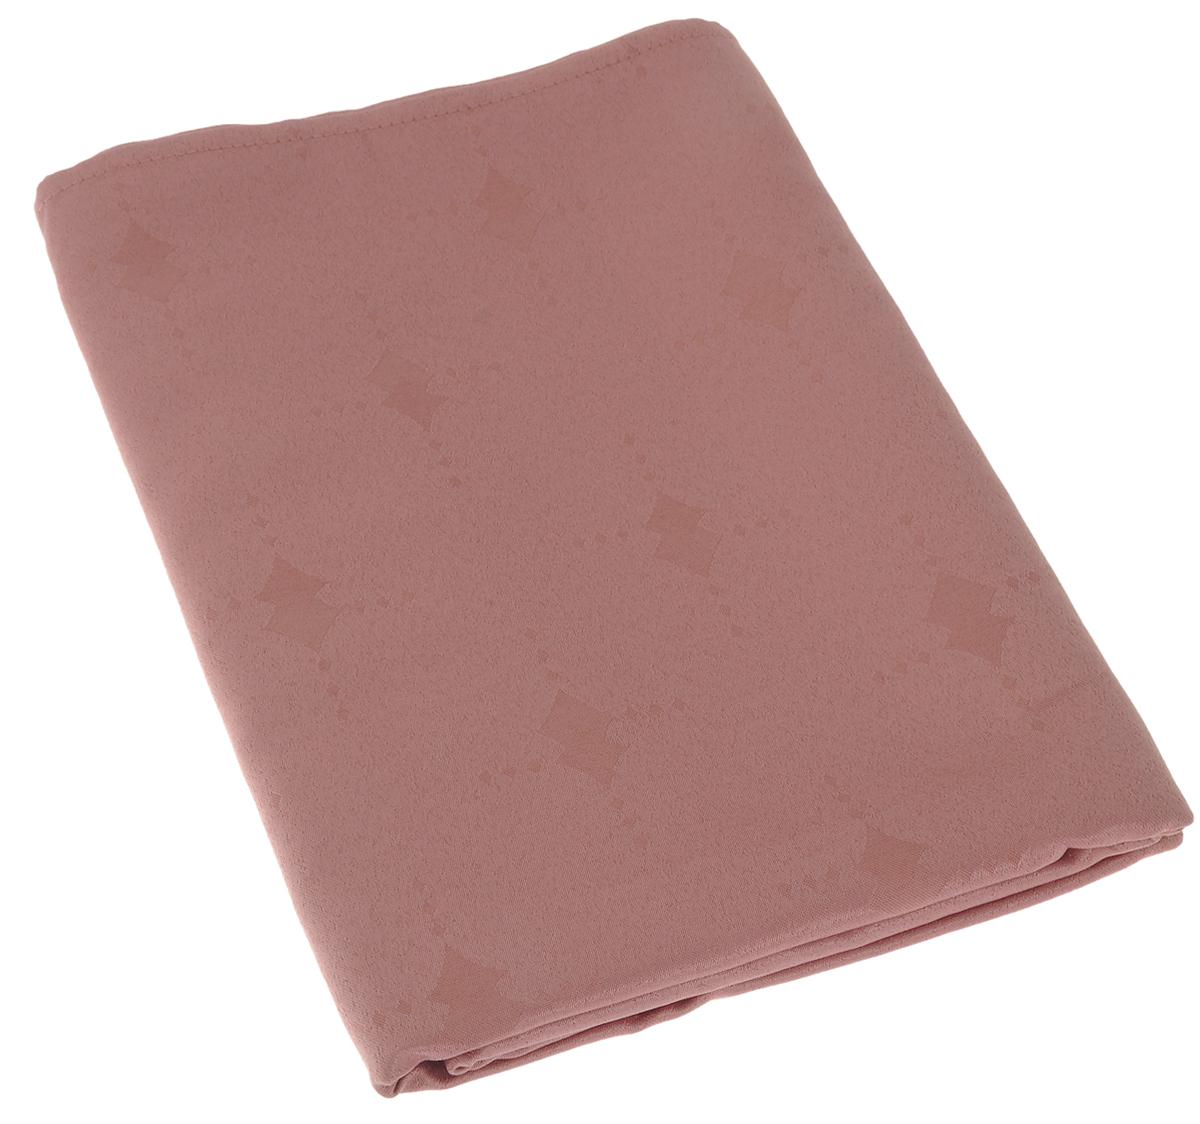 Скатерть Schaefer, прямоугольная, цвет: пепельно-розовый, 160 х 220 см. 07508-40807508-408Изящная прямоугольная скатерть Schaefer, выполненная из плотного полиэстера, станет украшением кухонного стола. Изделие декорировано красивым узором в виде ромбов. За текстилем из полиэстера очень легко ухаживать: он не мнется, не садится и быстро сохнет, легко стирается, более долговечен, чем текстиль из натуральных волокон. Использование такой скатерти сделает застолье торжественным, поднимет настроение гостей и приятно удивит их вашим изысканным вкусом. Также вы можете использовать эту скатерть для повседневной трапезы, превратив каждый прием пищи в волшебный праздник и веселье. Это текстильное изделие станет изысканным украшением вашего дома!